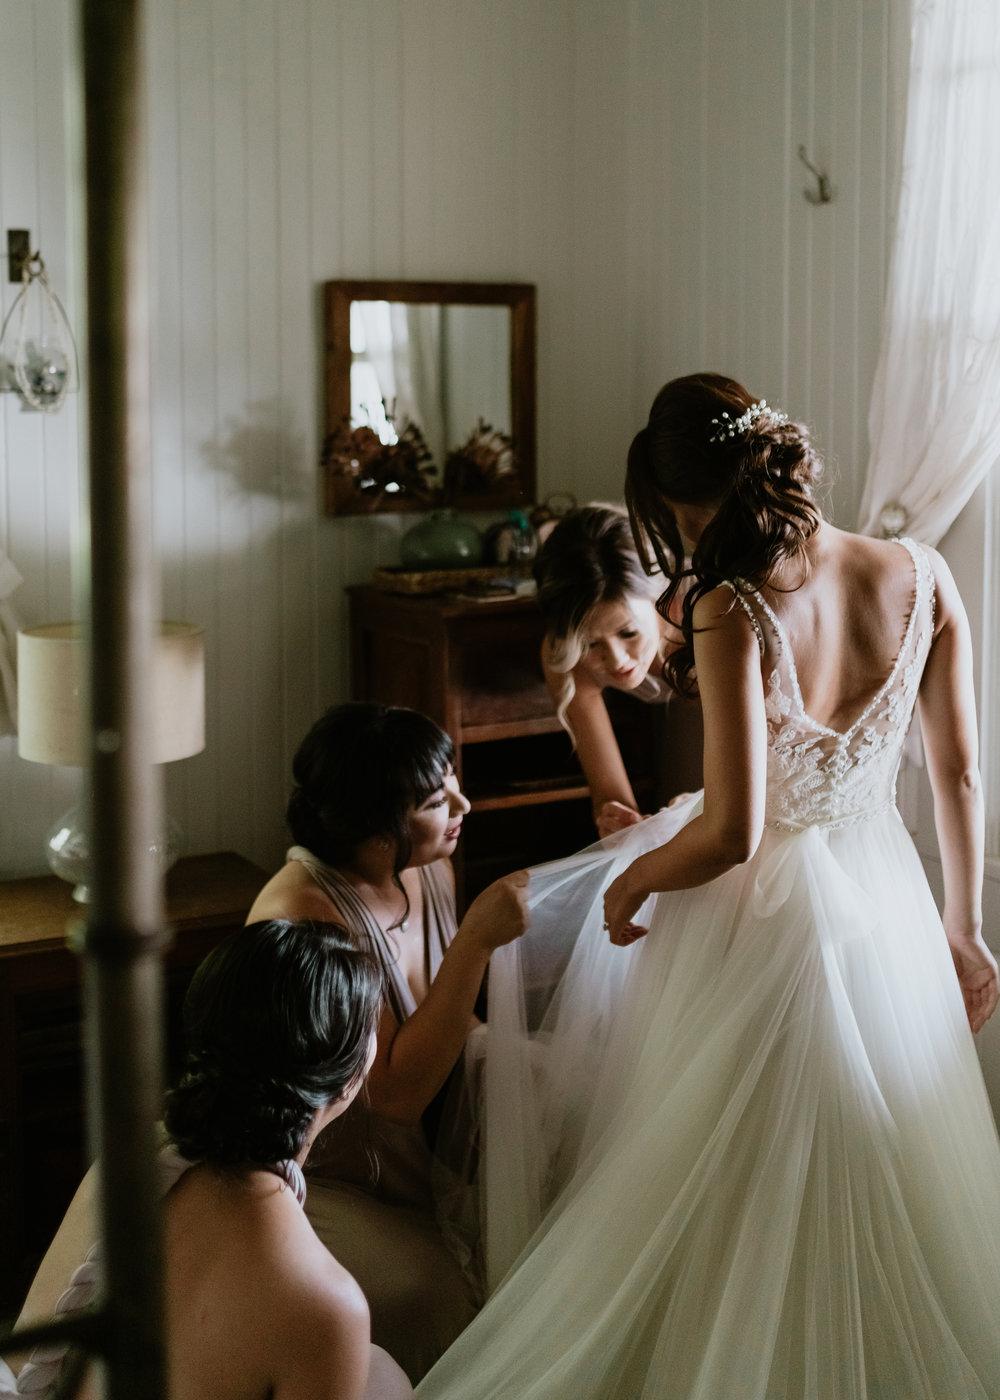 HeraStudios_Selects_Full_CynthiaLundy_Wedding-55.jpg